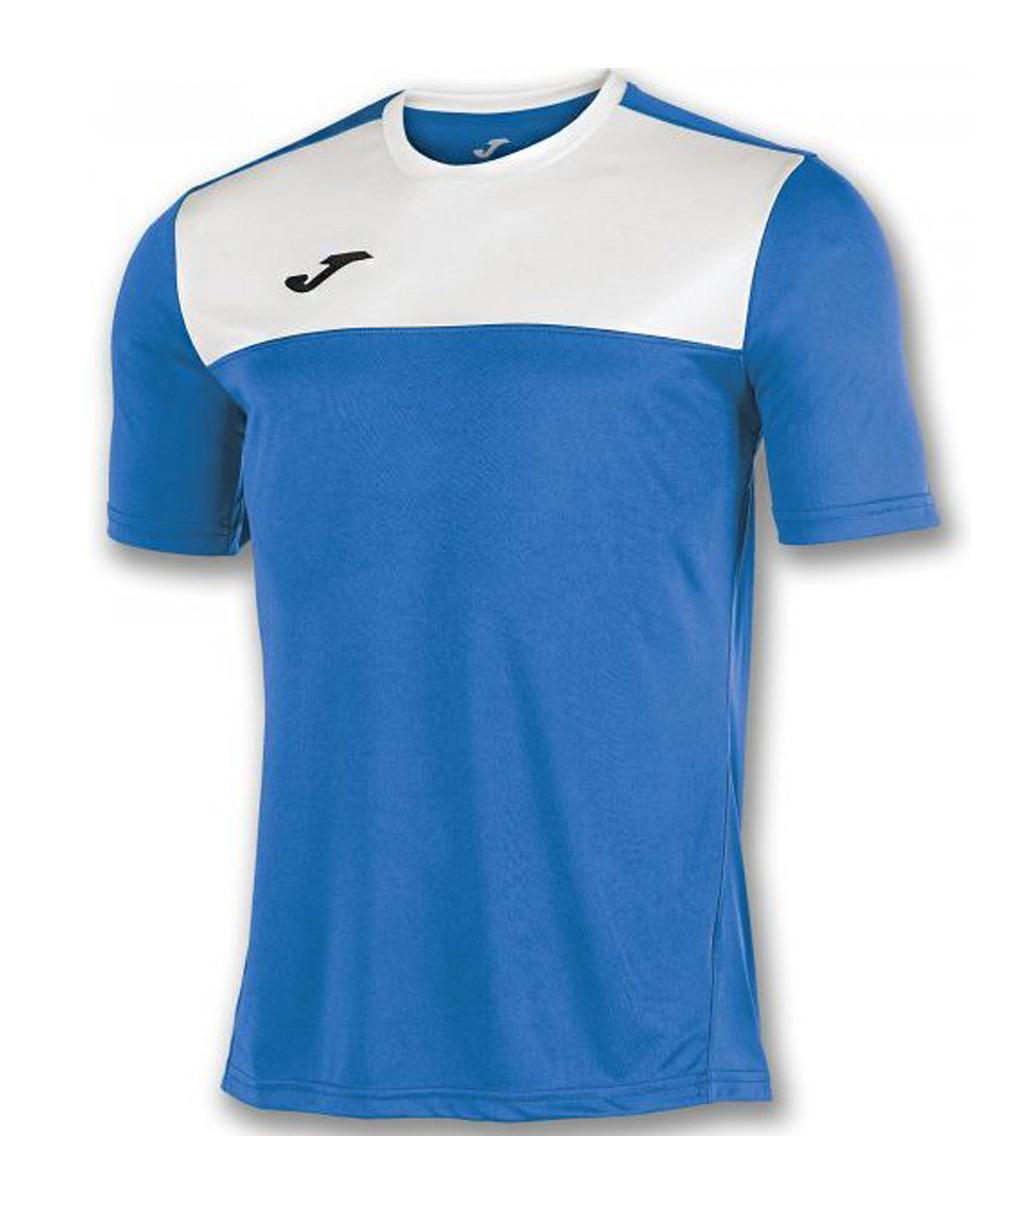 Купить футболку Joma Winner 100946.702 в интернет-магазине